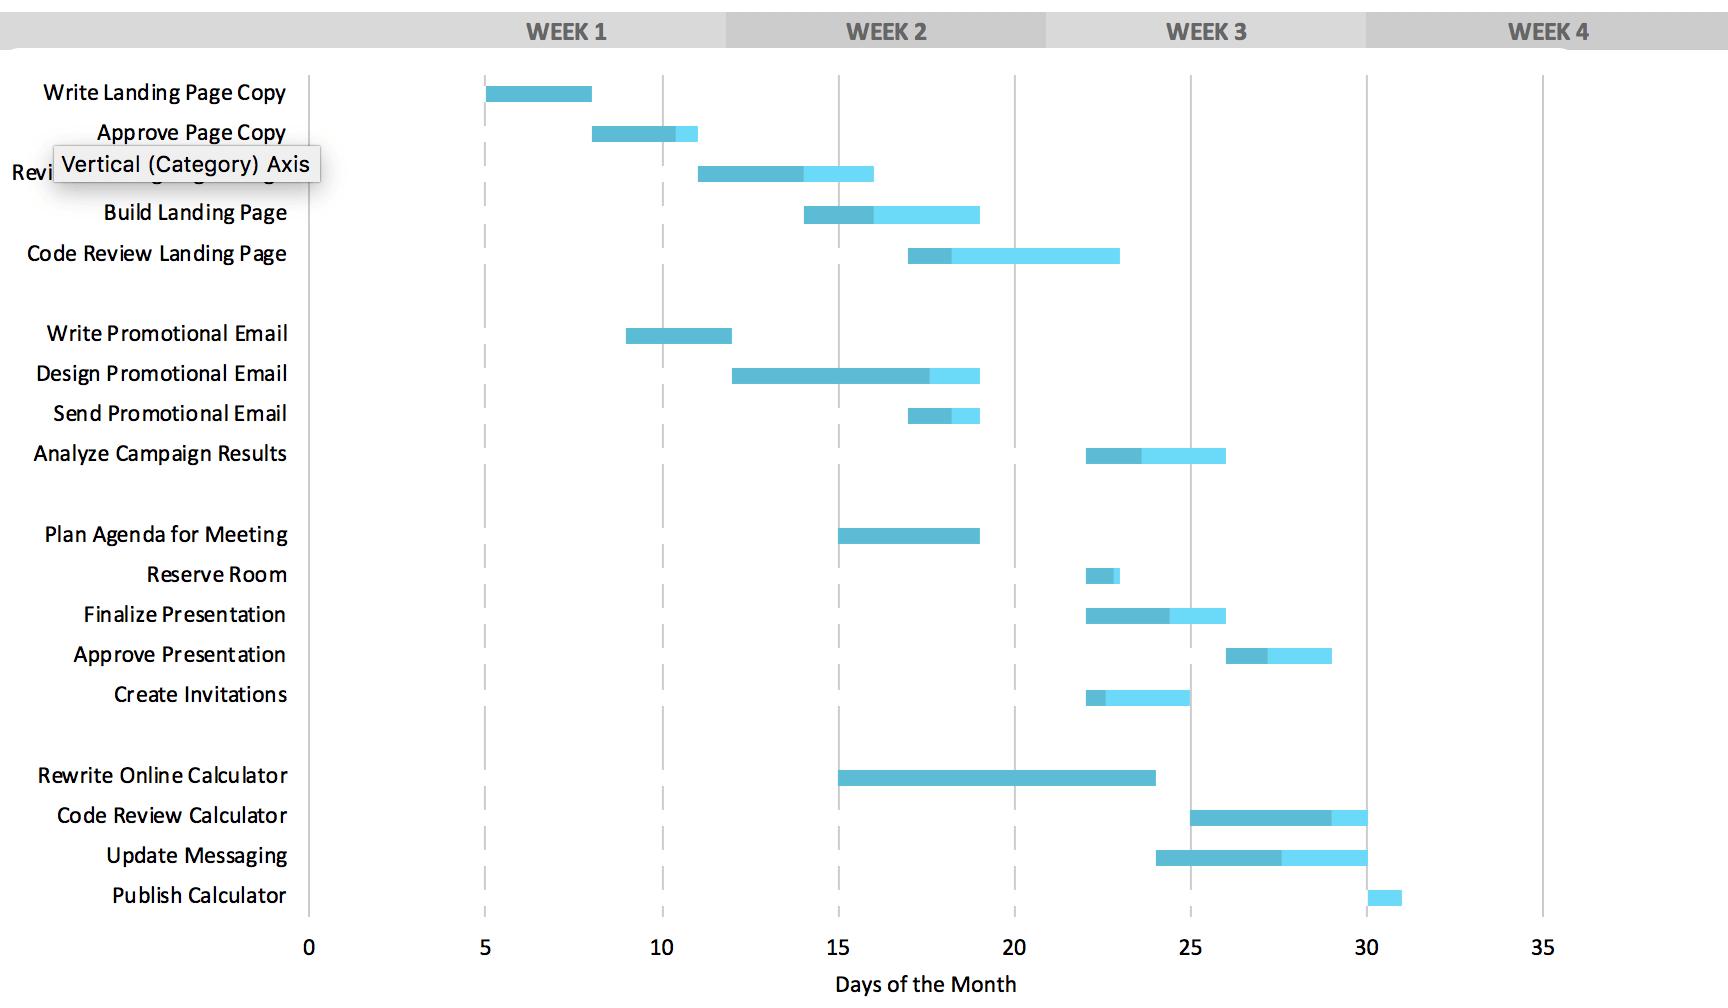 Excel Gantt Chart Template Gantt Chart Templates Gantt Chart